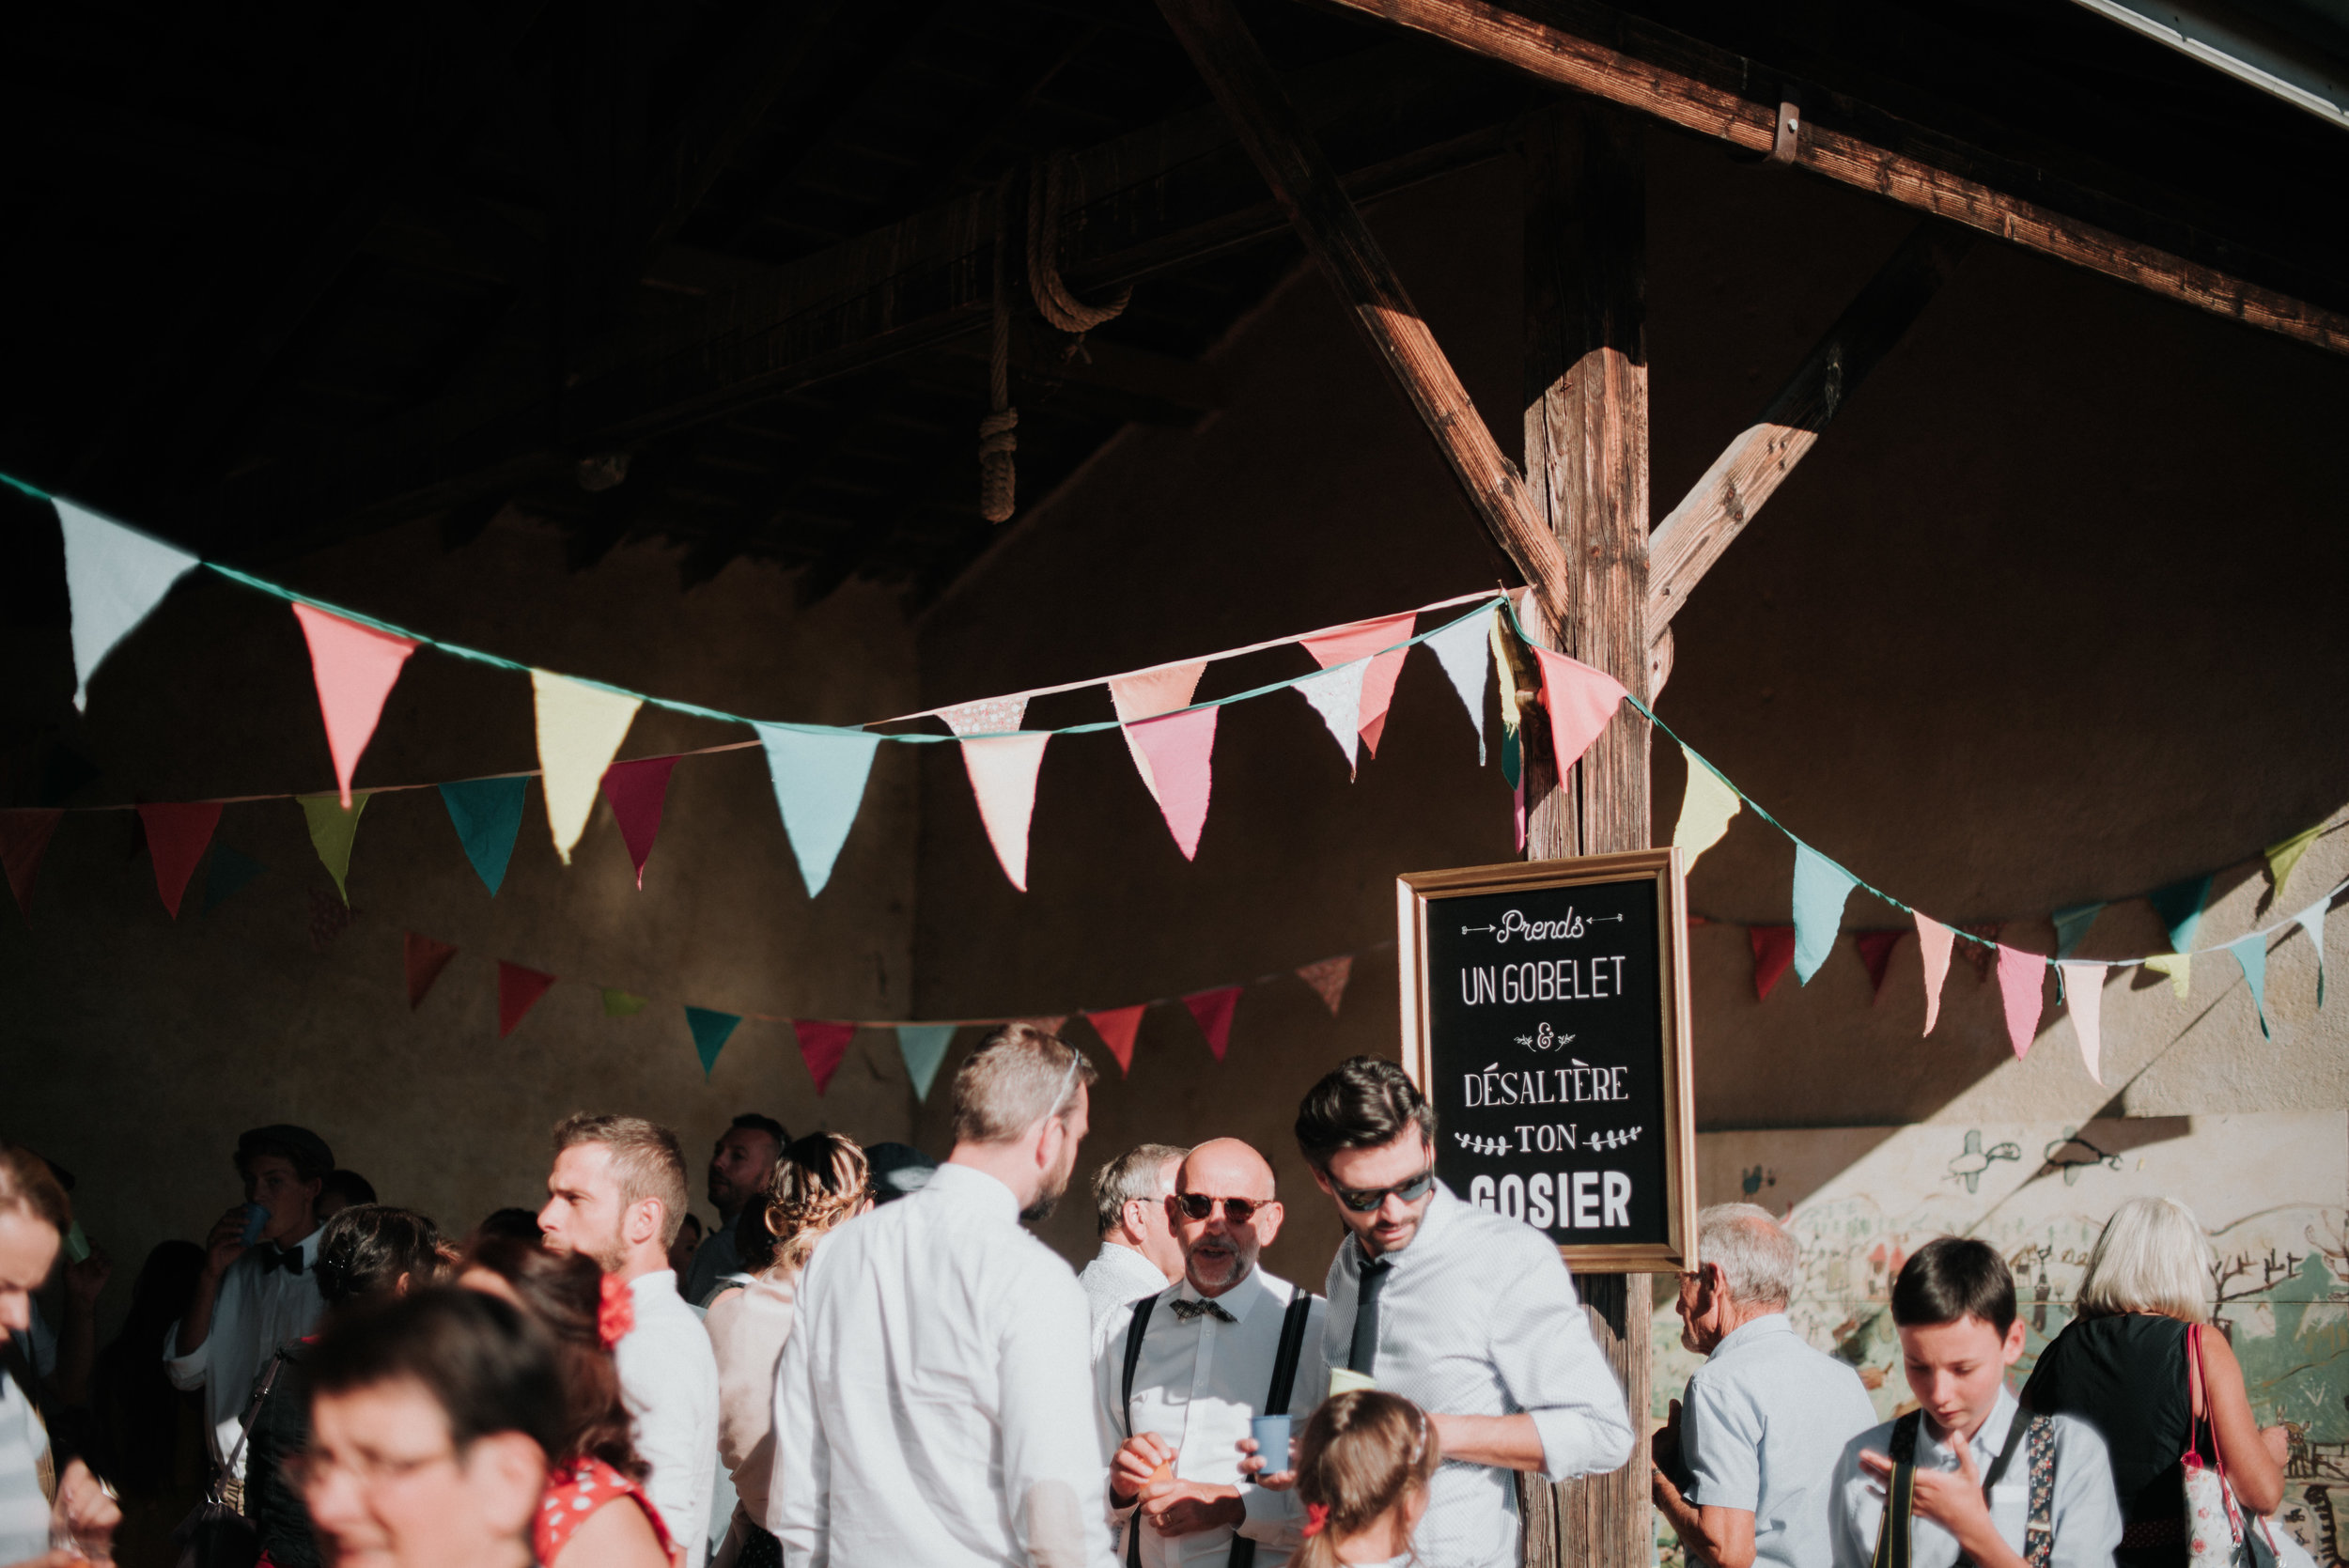 Léa-Fery-photographe-professionnel-lyon-rhone-alpes-portrait-creation-mariage-evenement-evenementiel-famille-8018.jpg